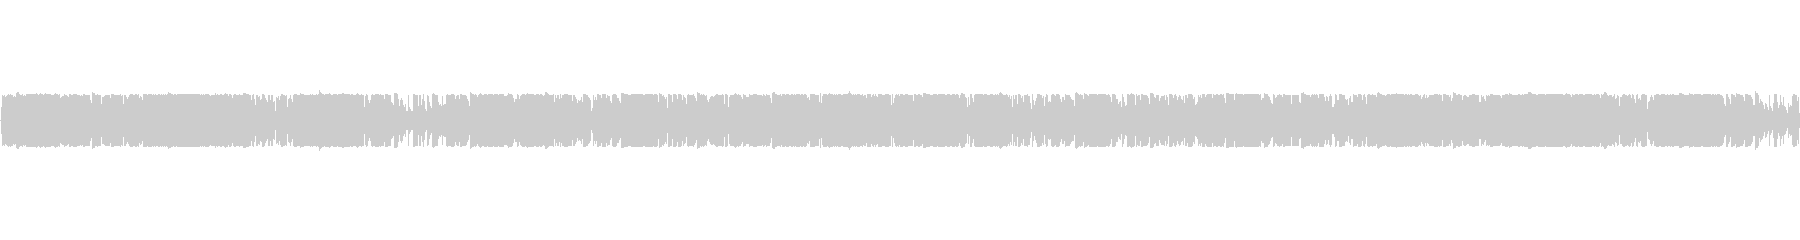 「ループ音源シリーズ」部族が生活を営ん…の未再生の波形